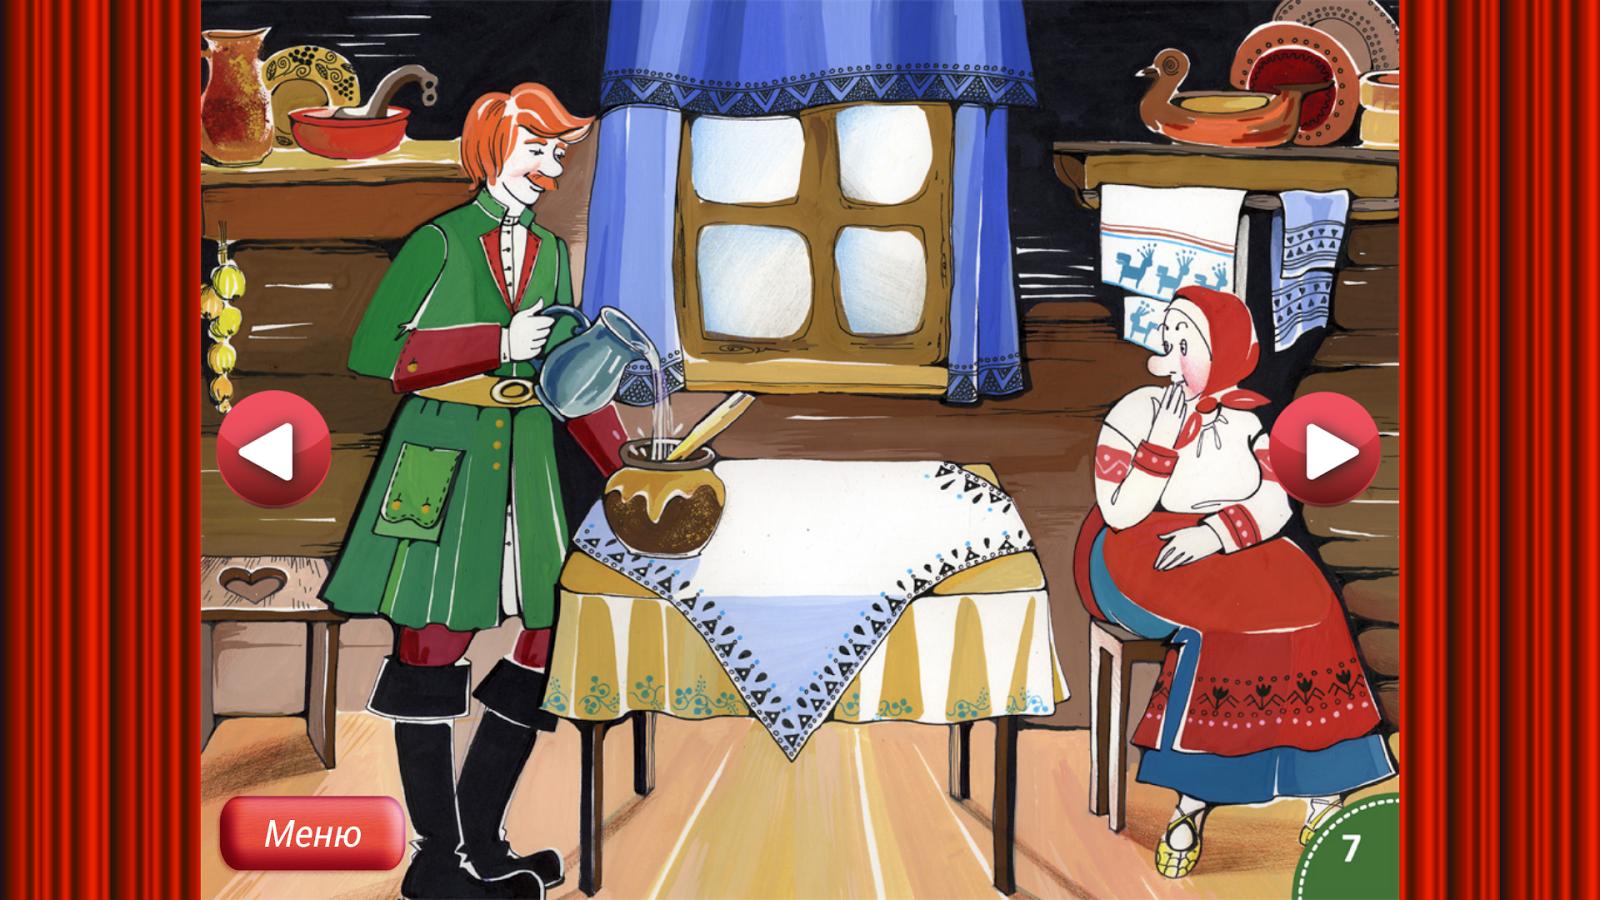 картинки к сказке каша из топора русская народная сказка была начале очень